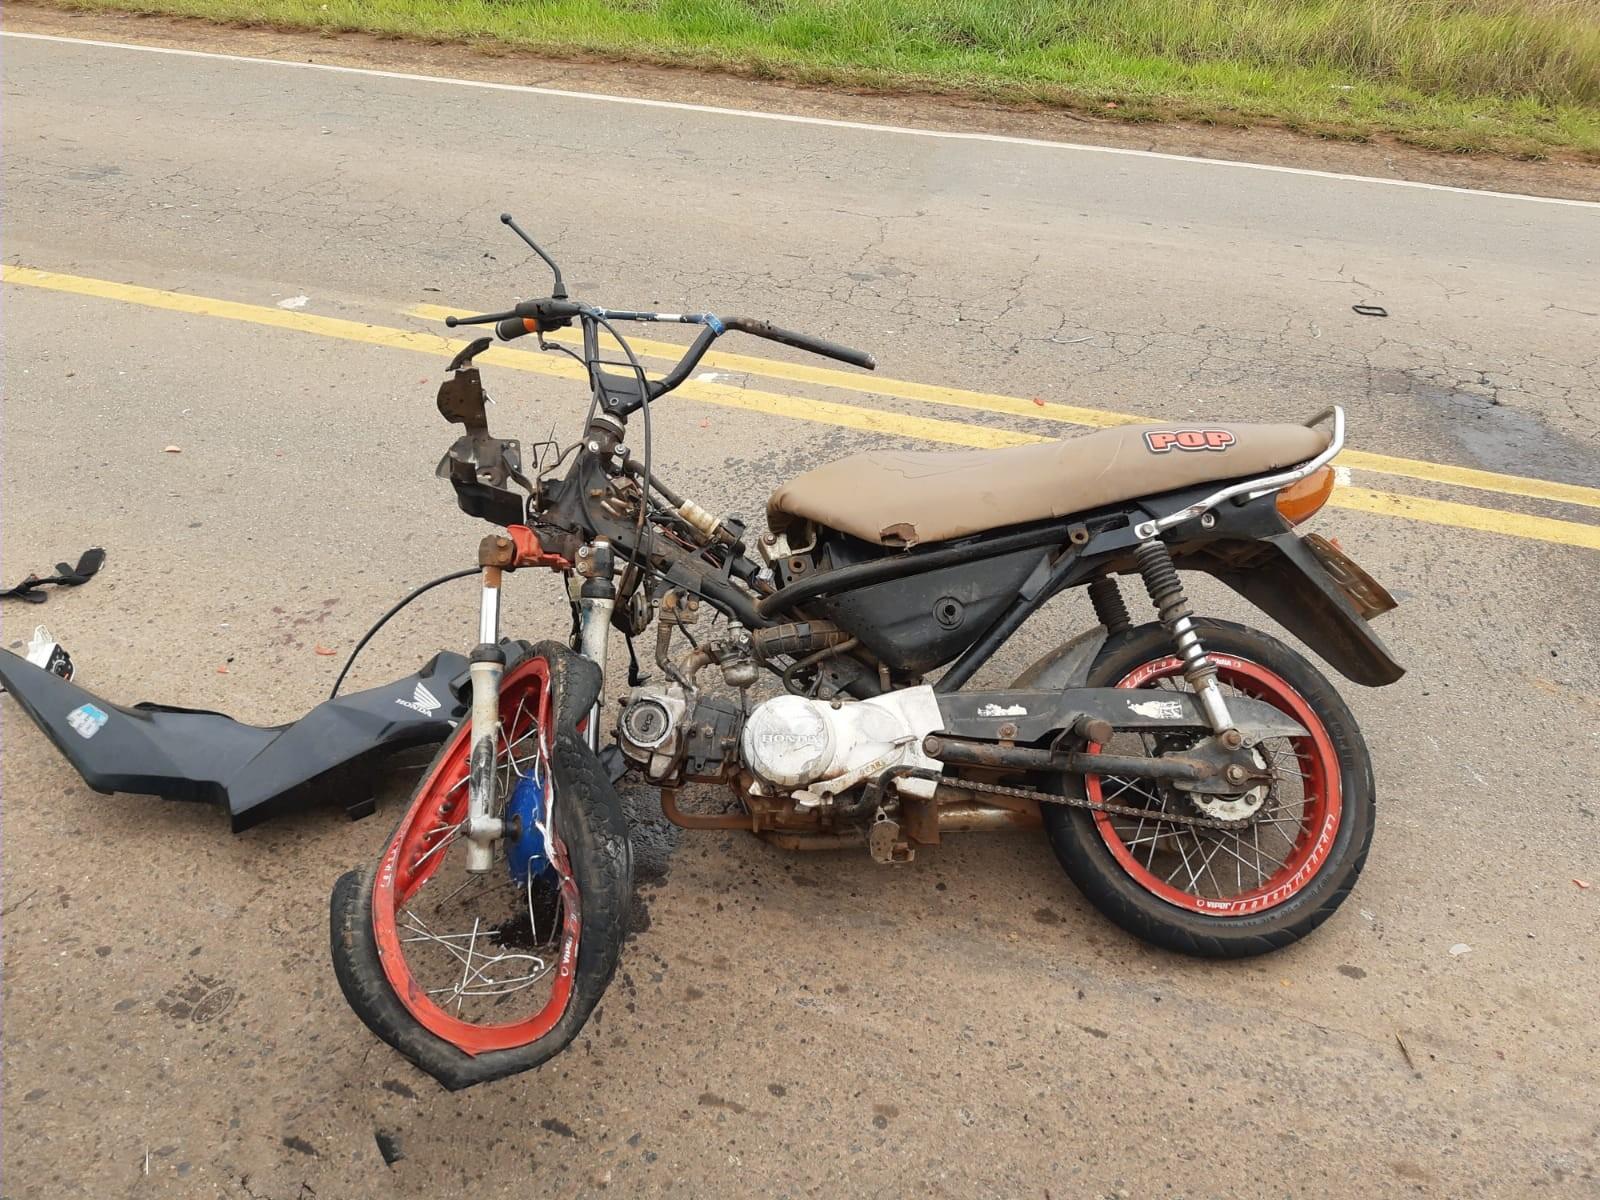 Motociclista morre após bater em caminhonete na PA-160 entre Parauapebas e Canaã dos Carajás